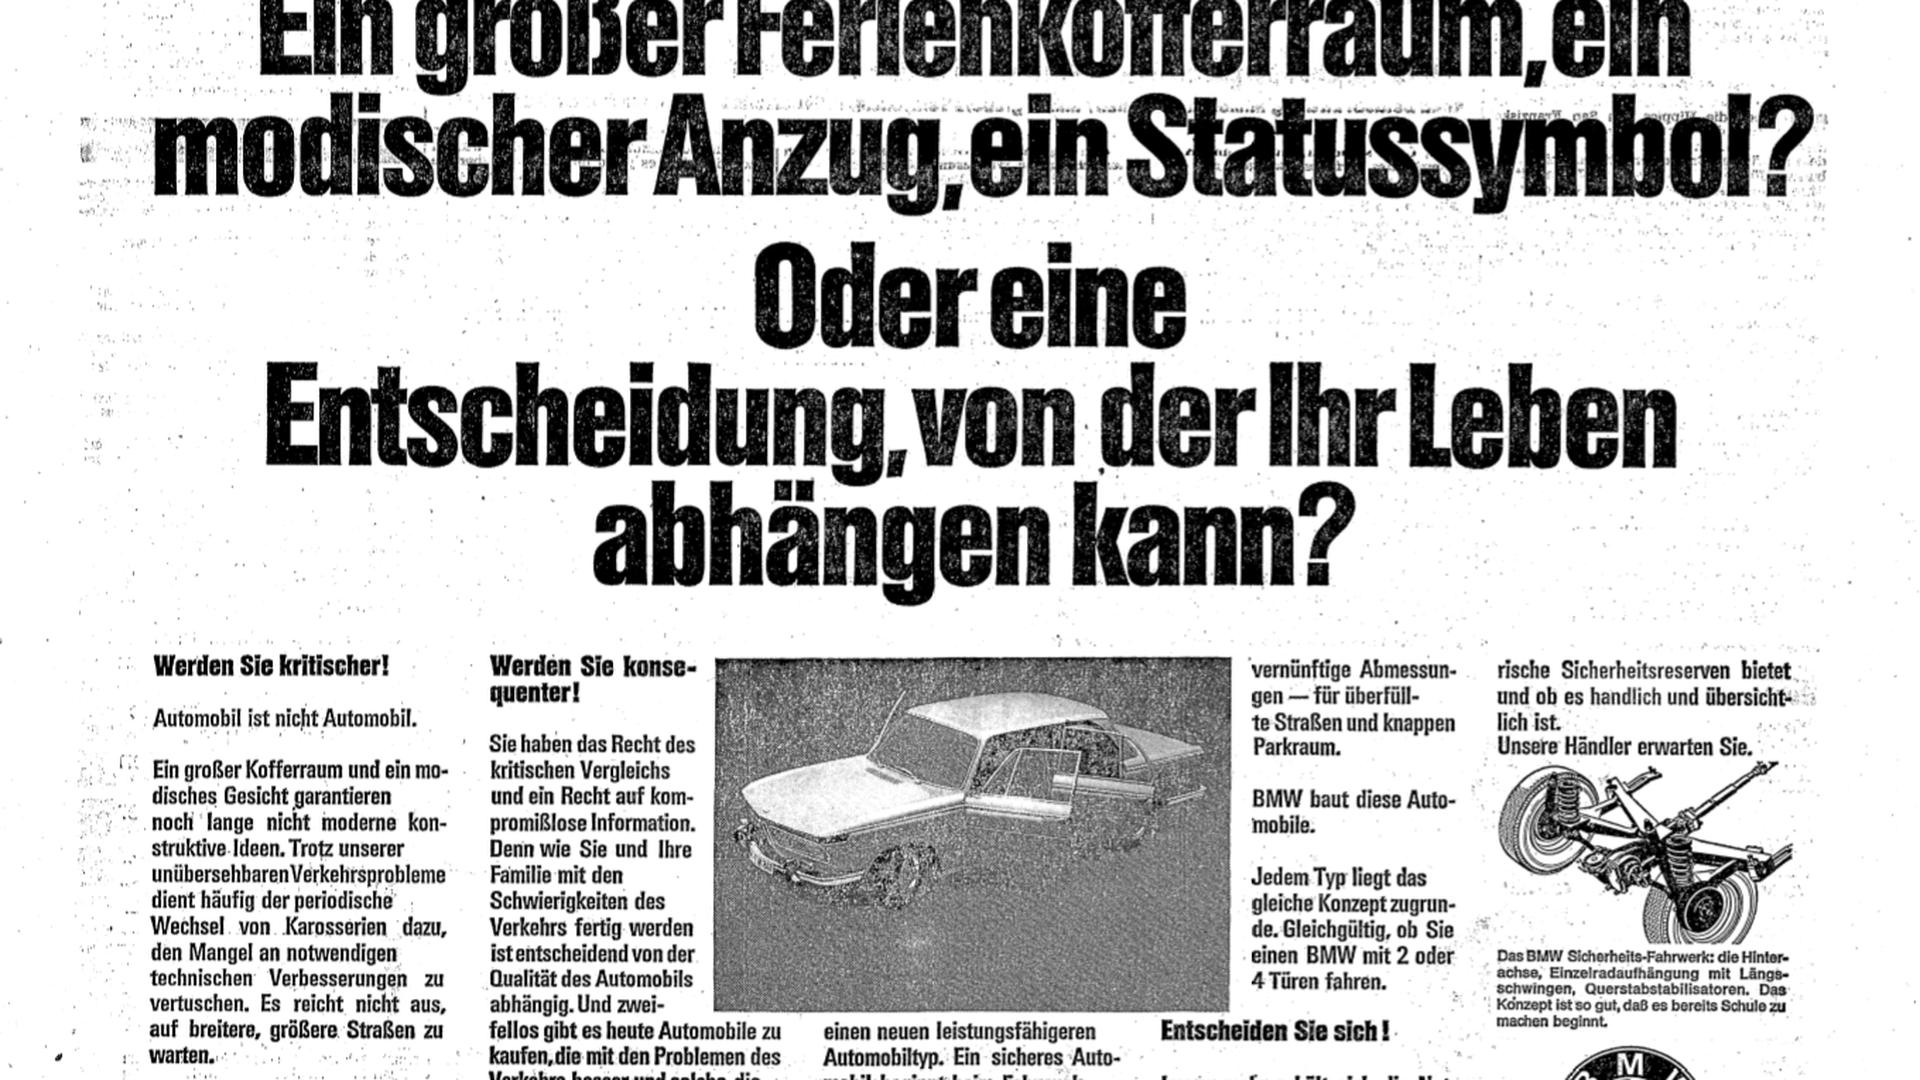 Alte Autowerbung aus dem Jahr 1968.